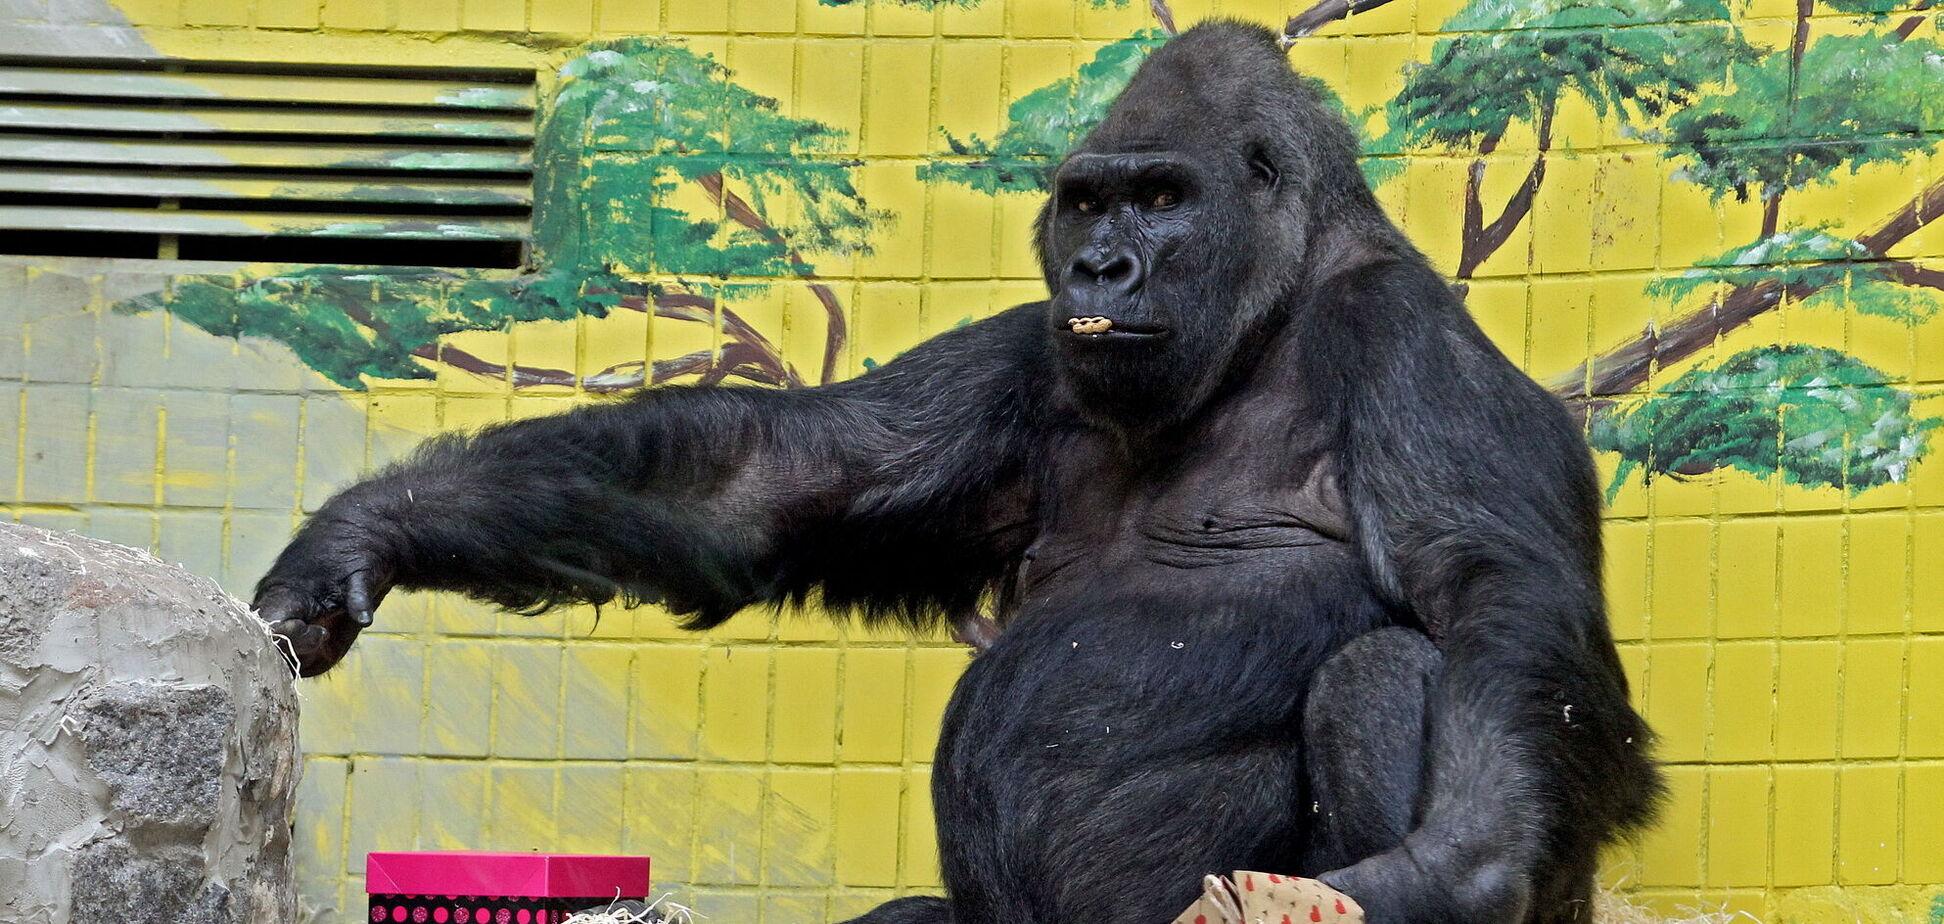 Примат находится под постоянным наблюдением специалистов